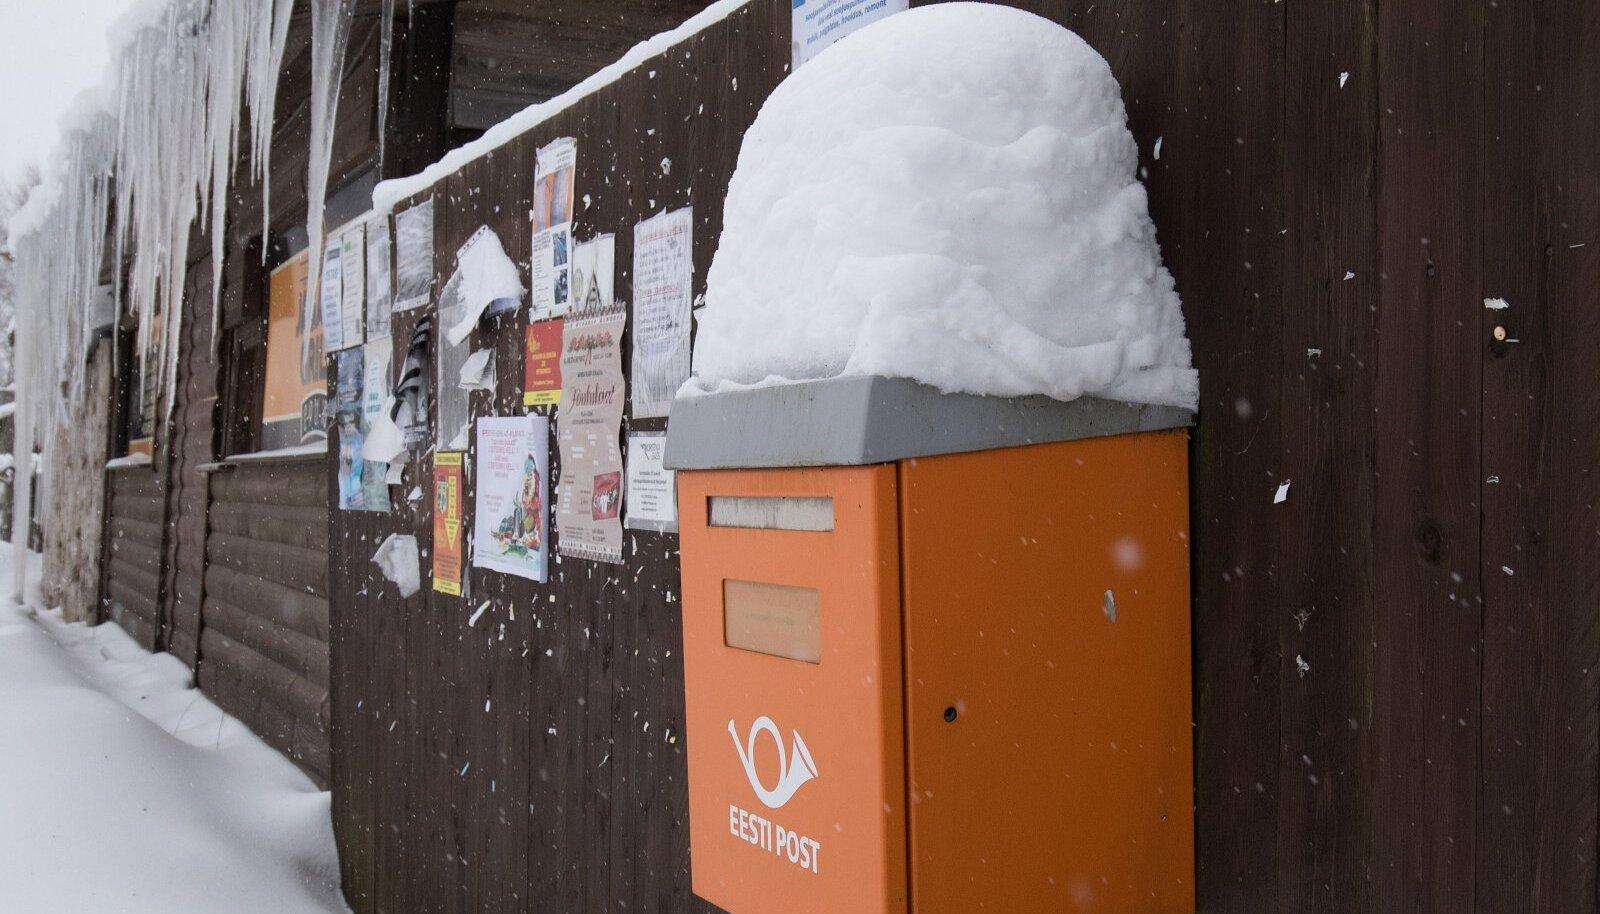 Eesti Post,Omniva,jääpurikad,postkast, postkastid, kuulutused